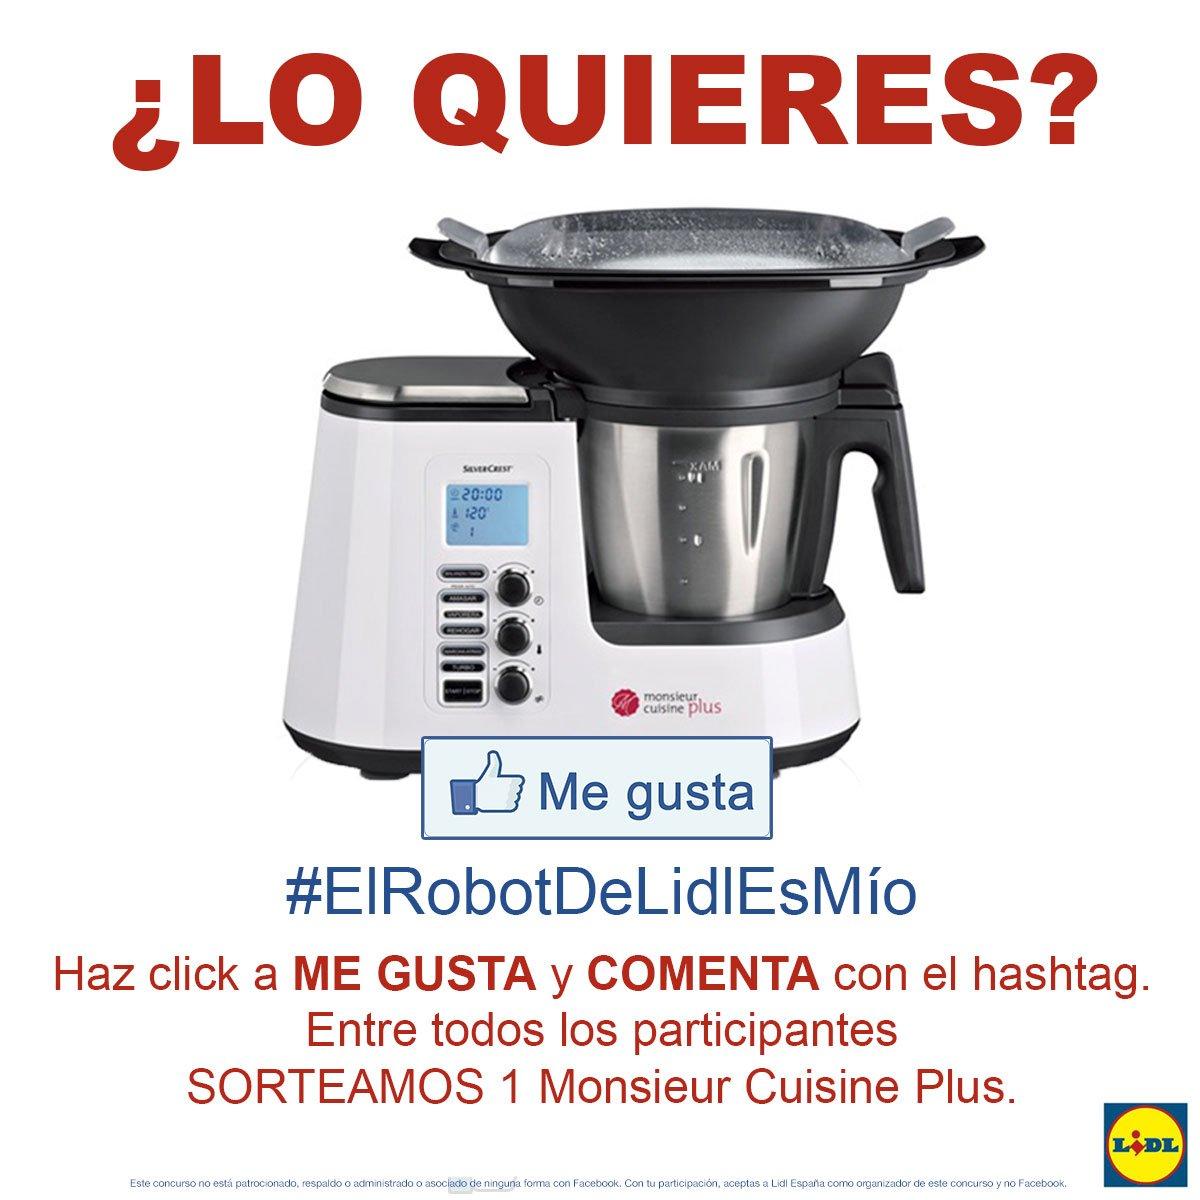 Monsieur cuisine plus vs thermomix maison design for Robot cocina silvercrest